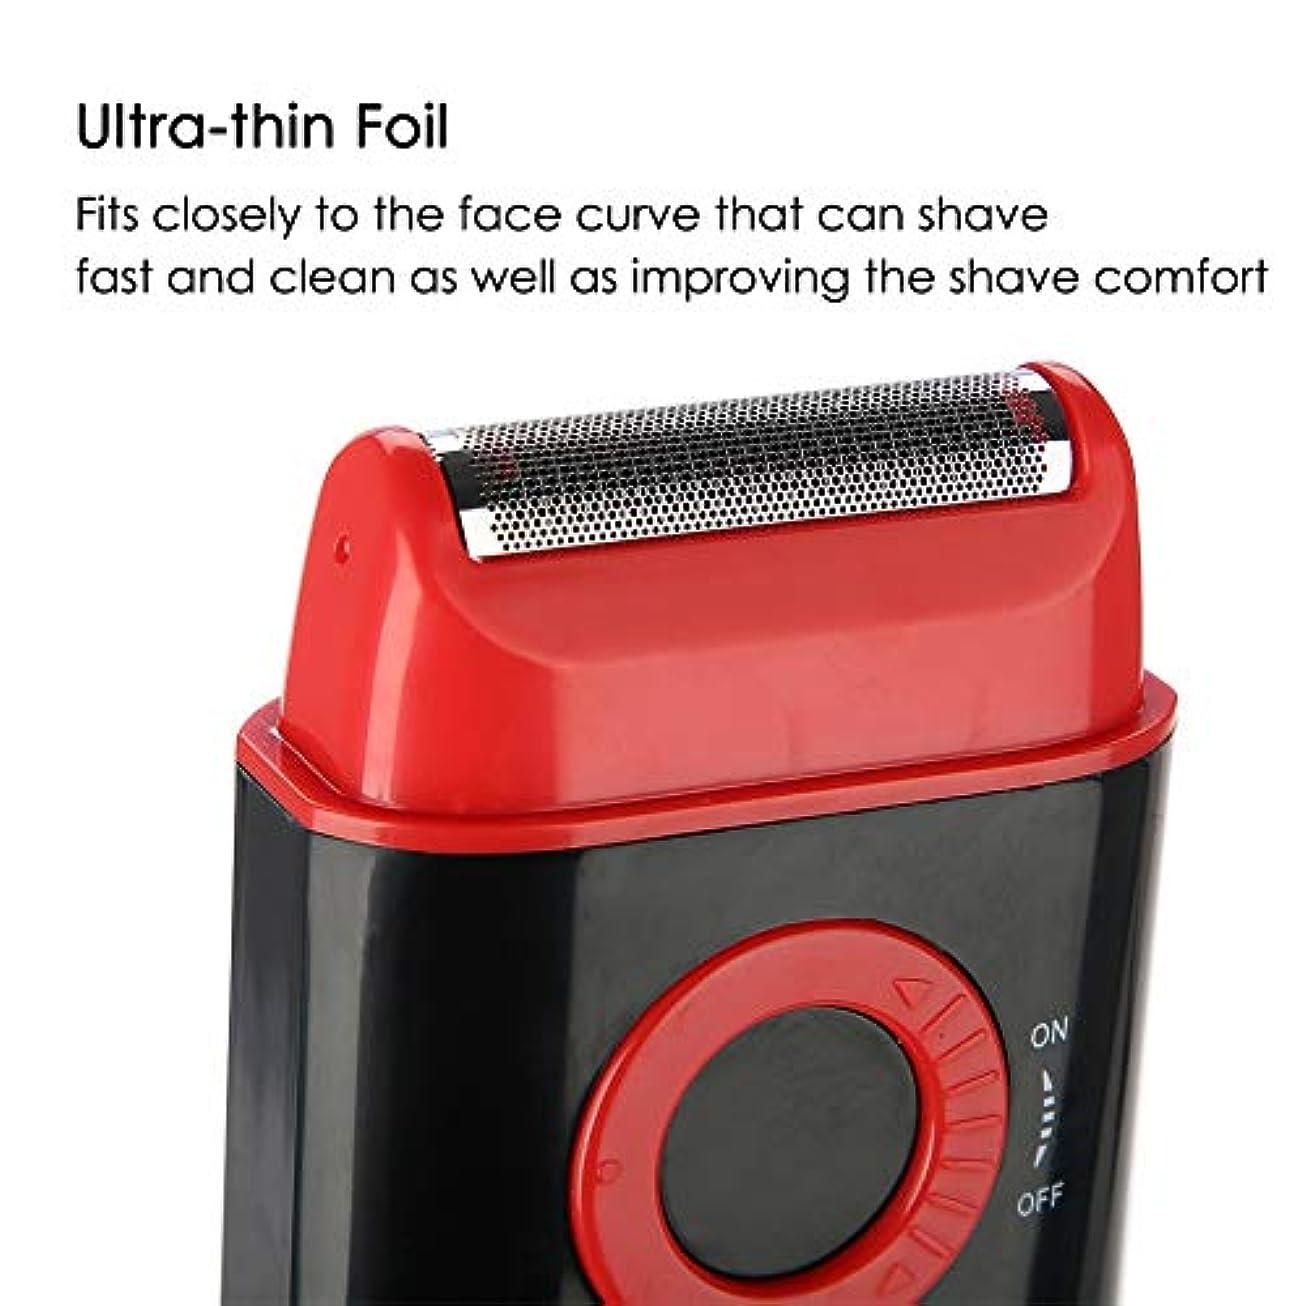 代わって無視するディレイ電気シェーバー 剃刀 男性 超薄型箔ポップアップひげトリマー単3電池のパワーシェービングカミソリ (レッド)